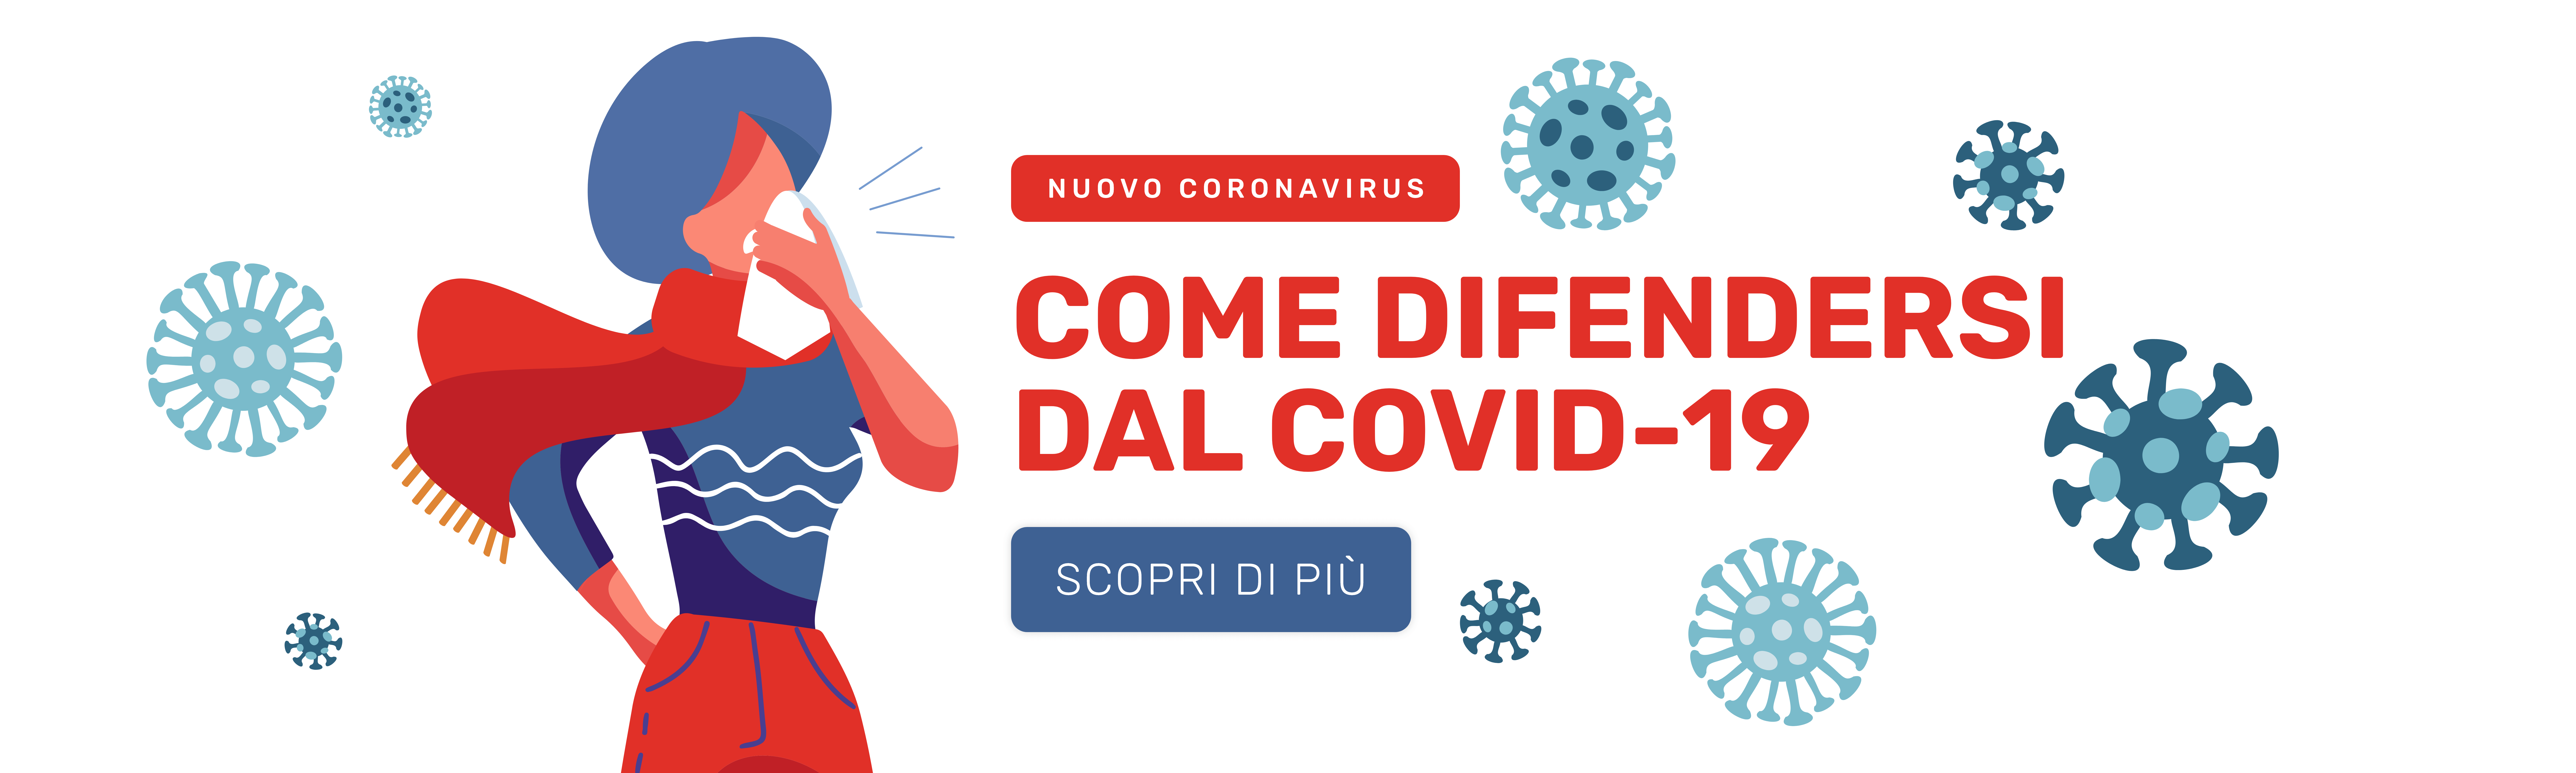 Coronavirus: come difendersi dal COVID-19